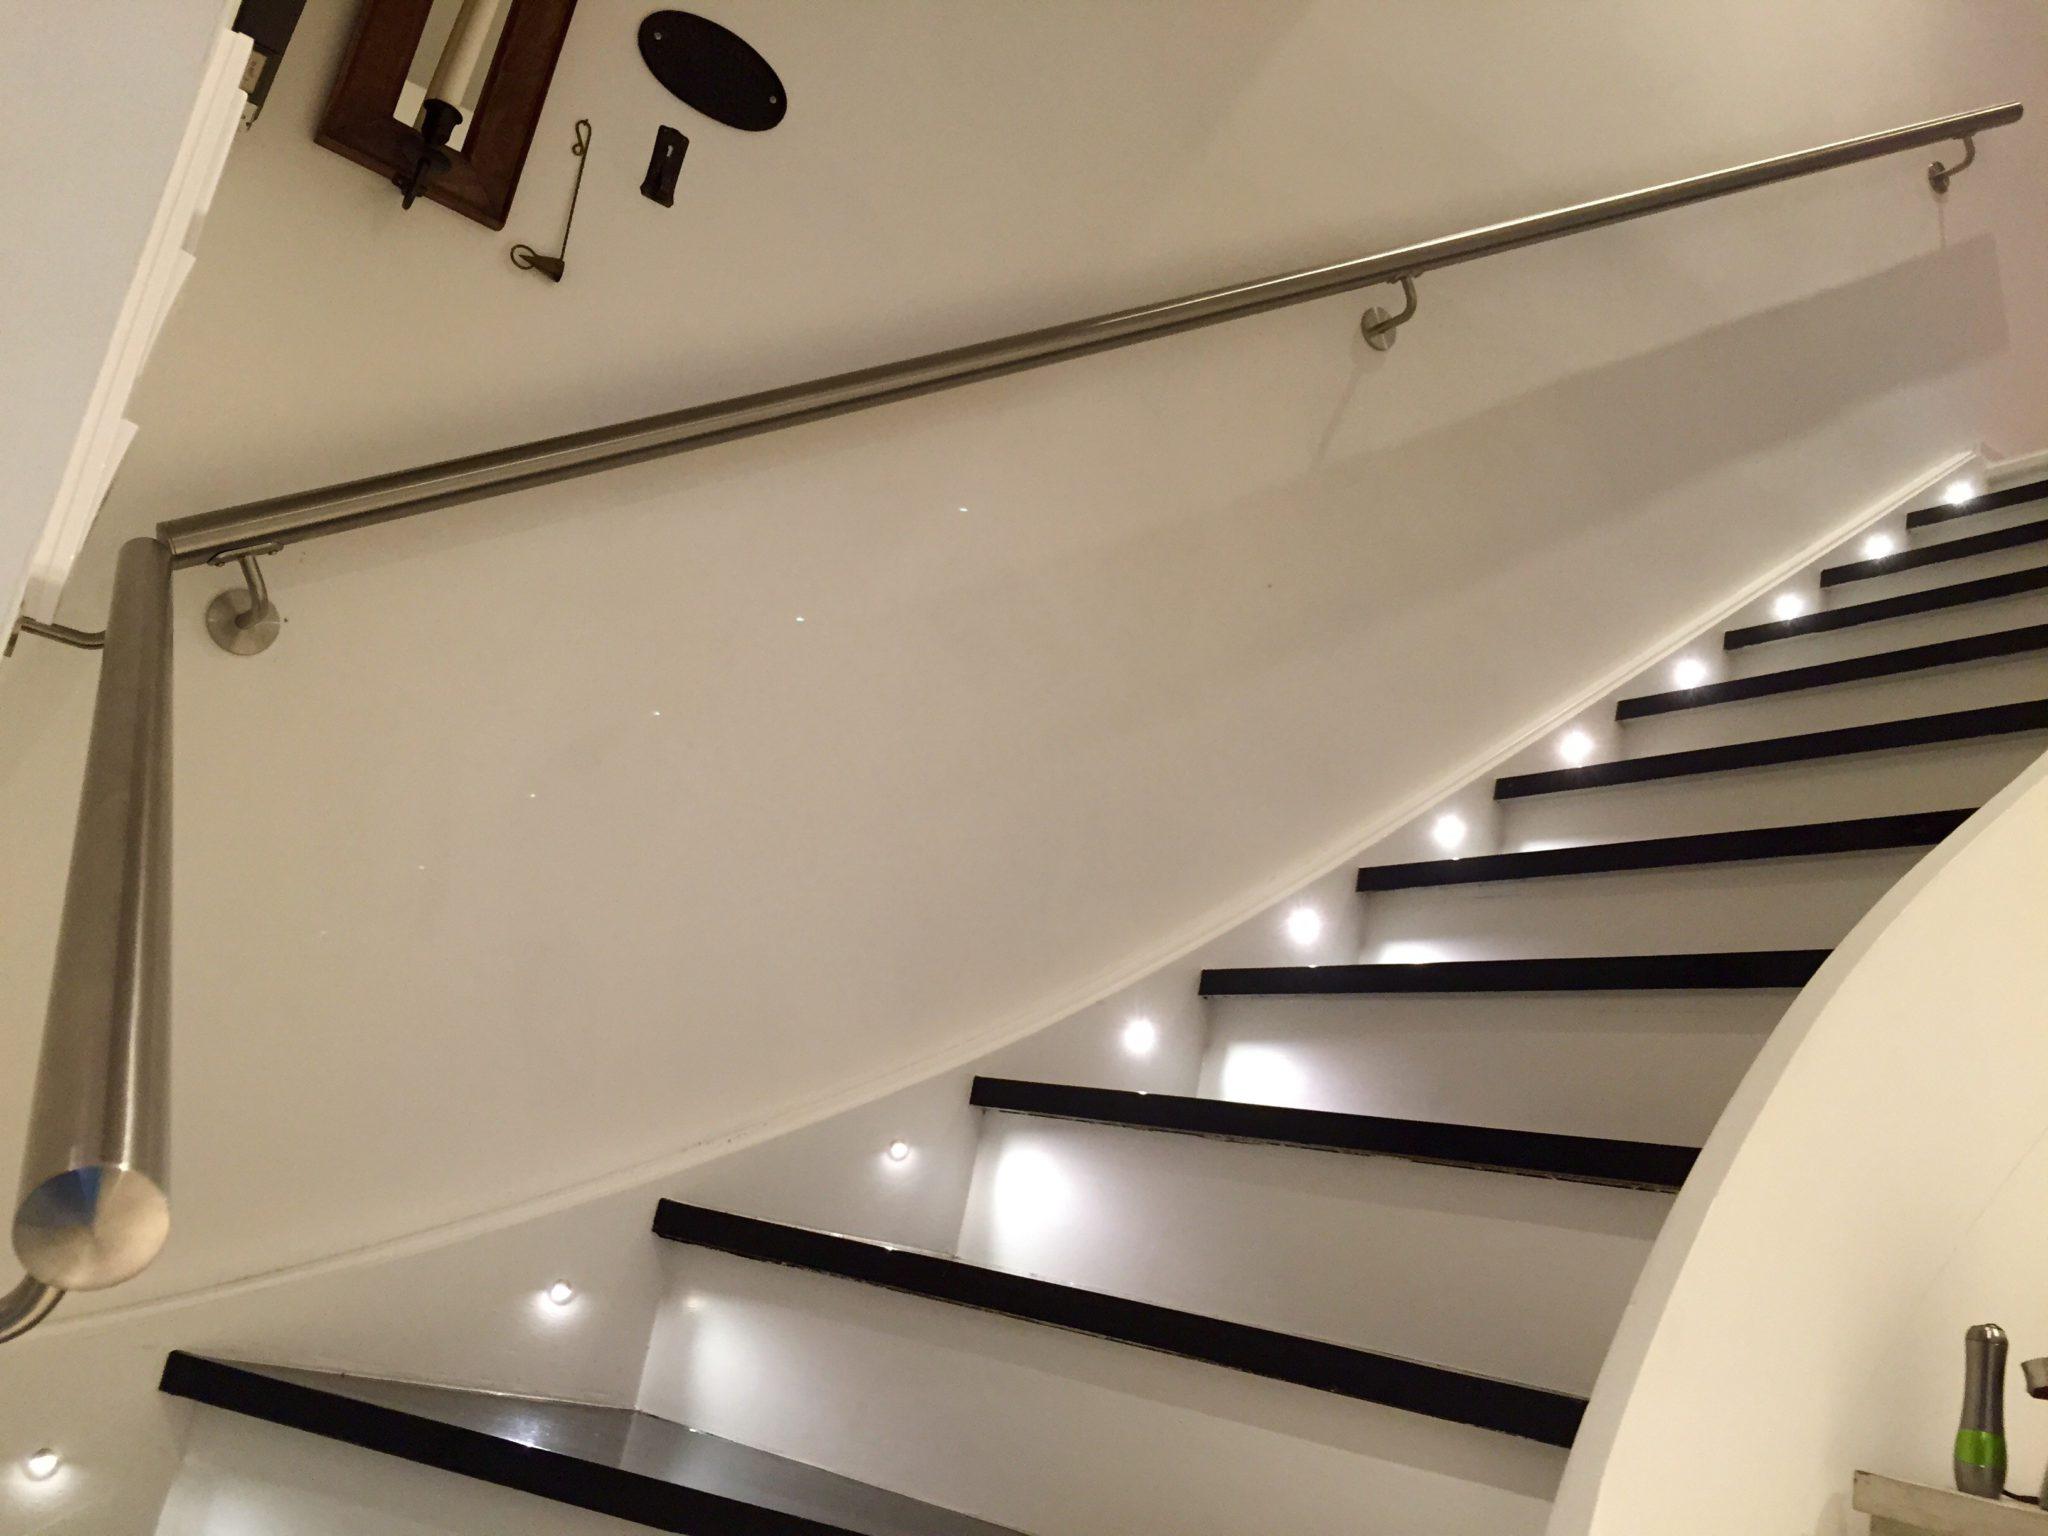 Håndliste og Håndlister til din trappe og trappegelænder ...